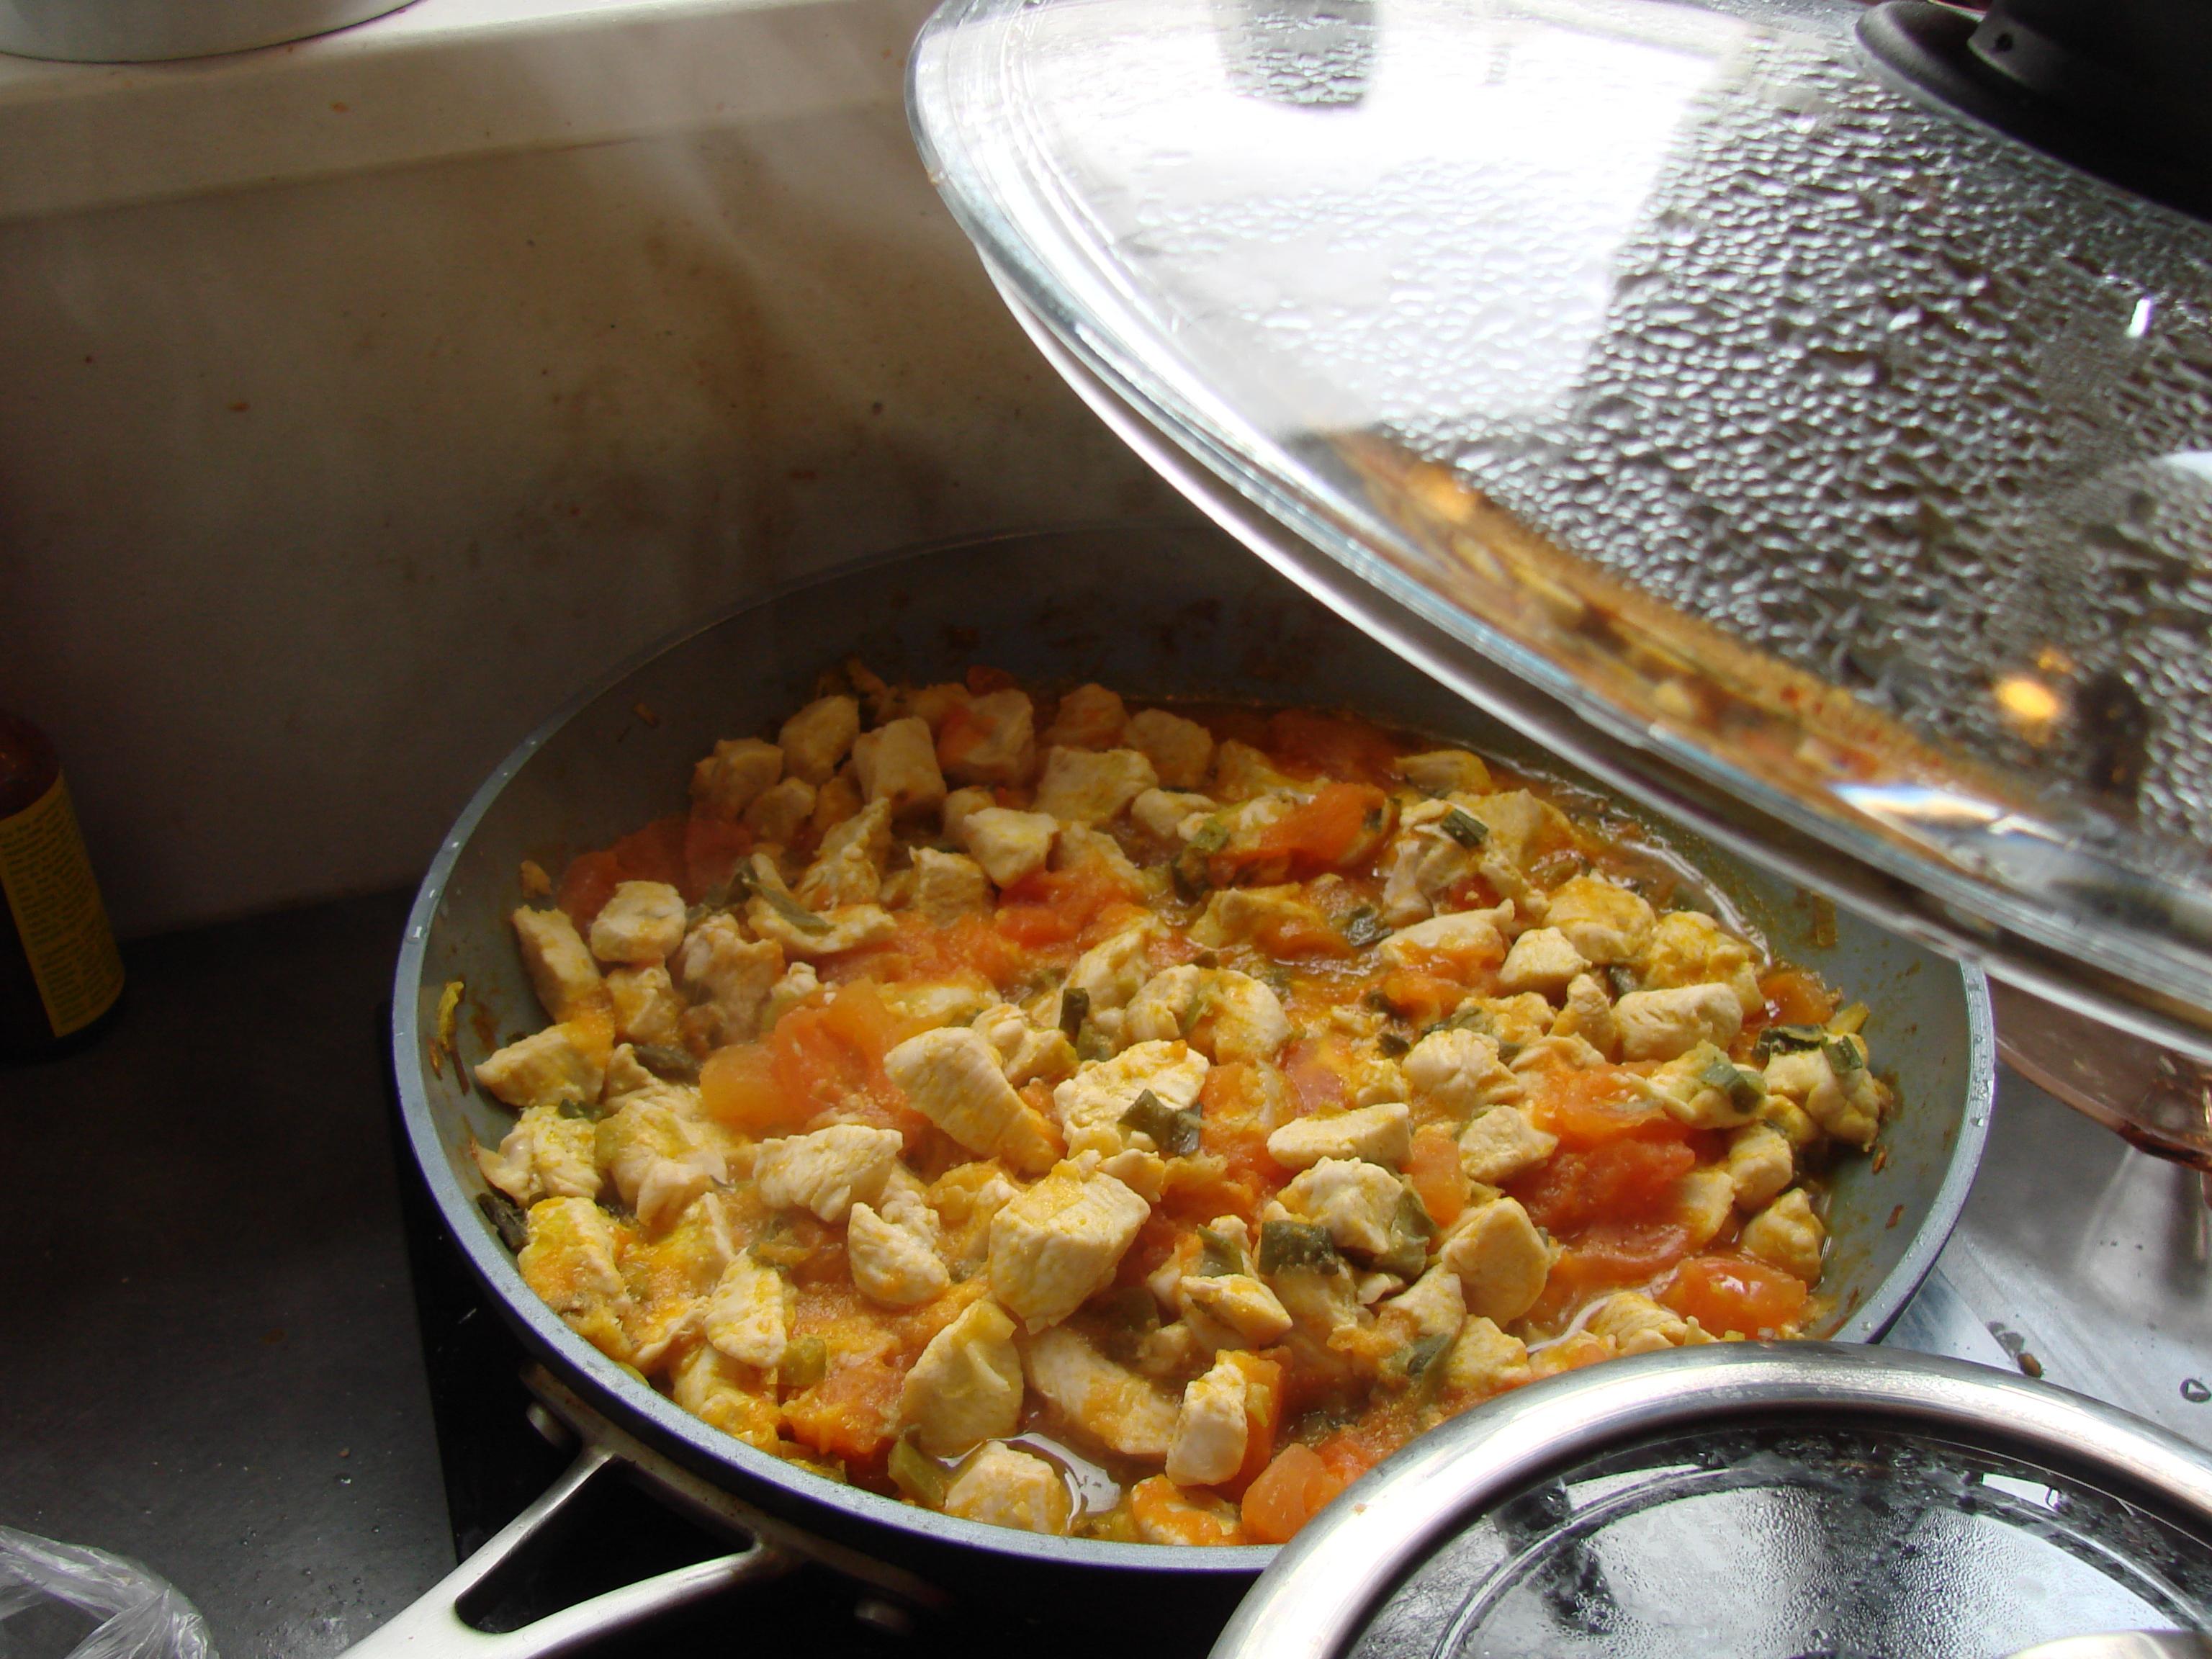 ahorrar en la cocina con el calor residual